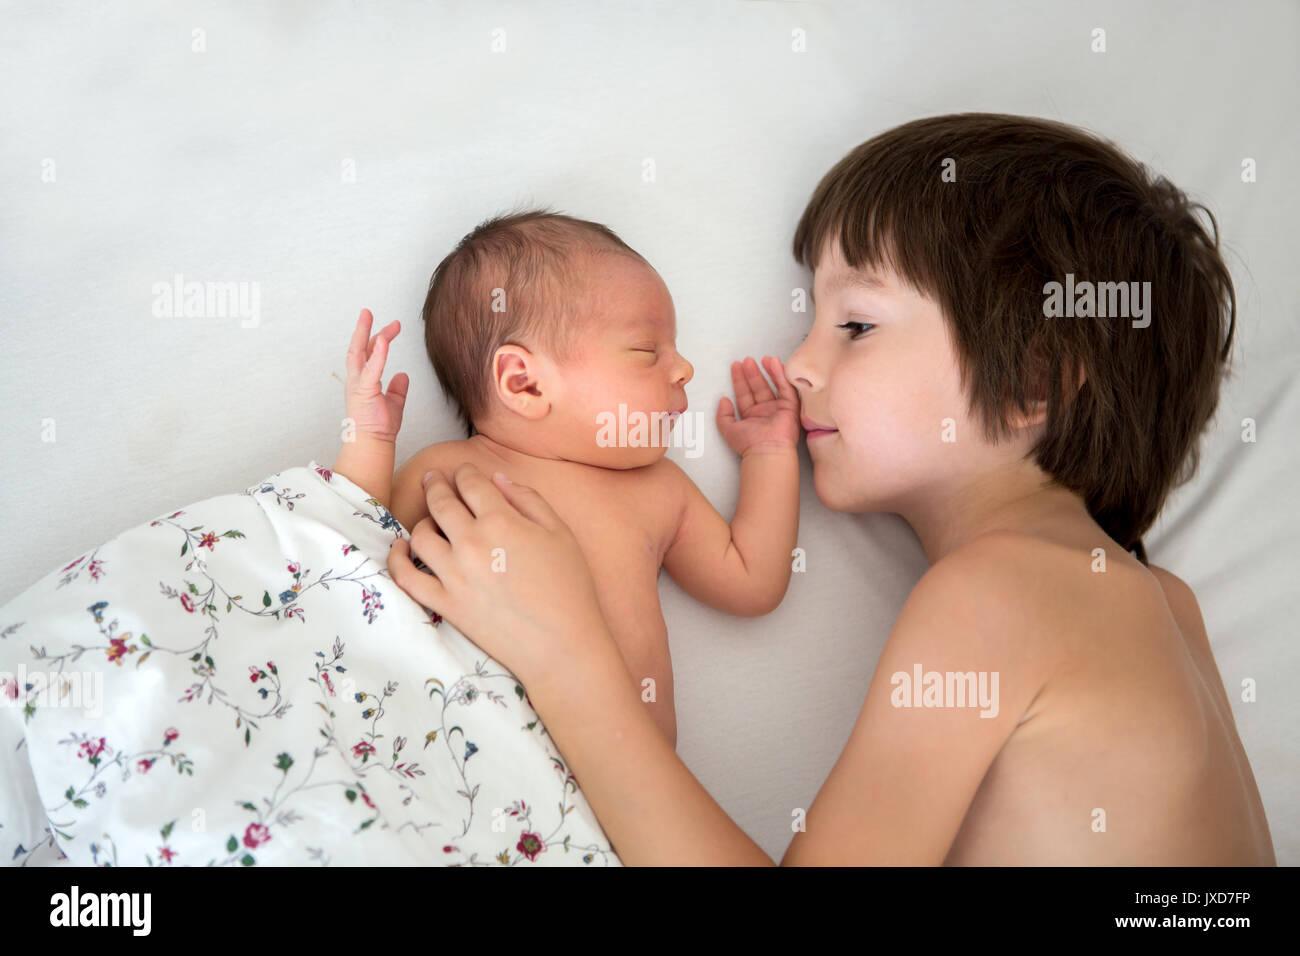 Hermoso muchacho, abrazando con ternura y el cuidado de su bebé recién nacido hermano en casa. Concepto el amor la felicidad de la familia Imagen De Stock